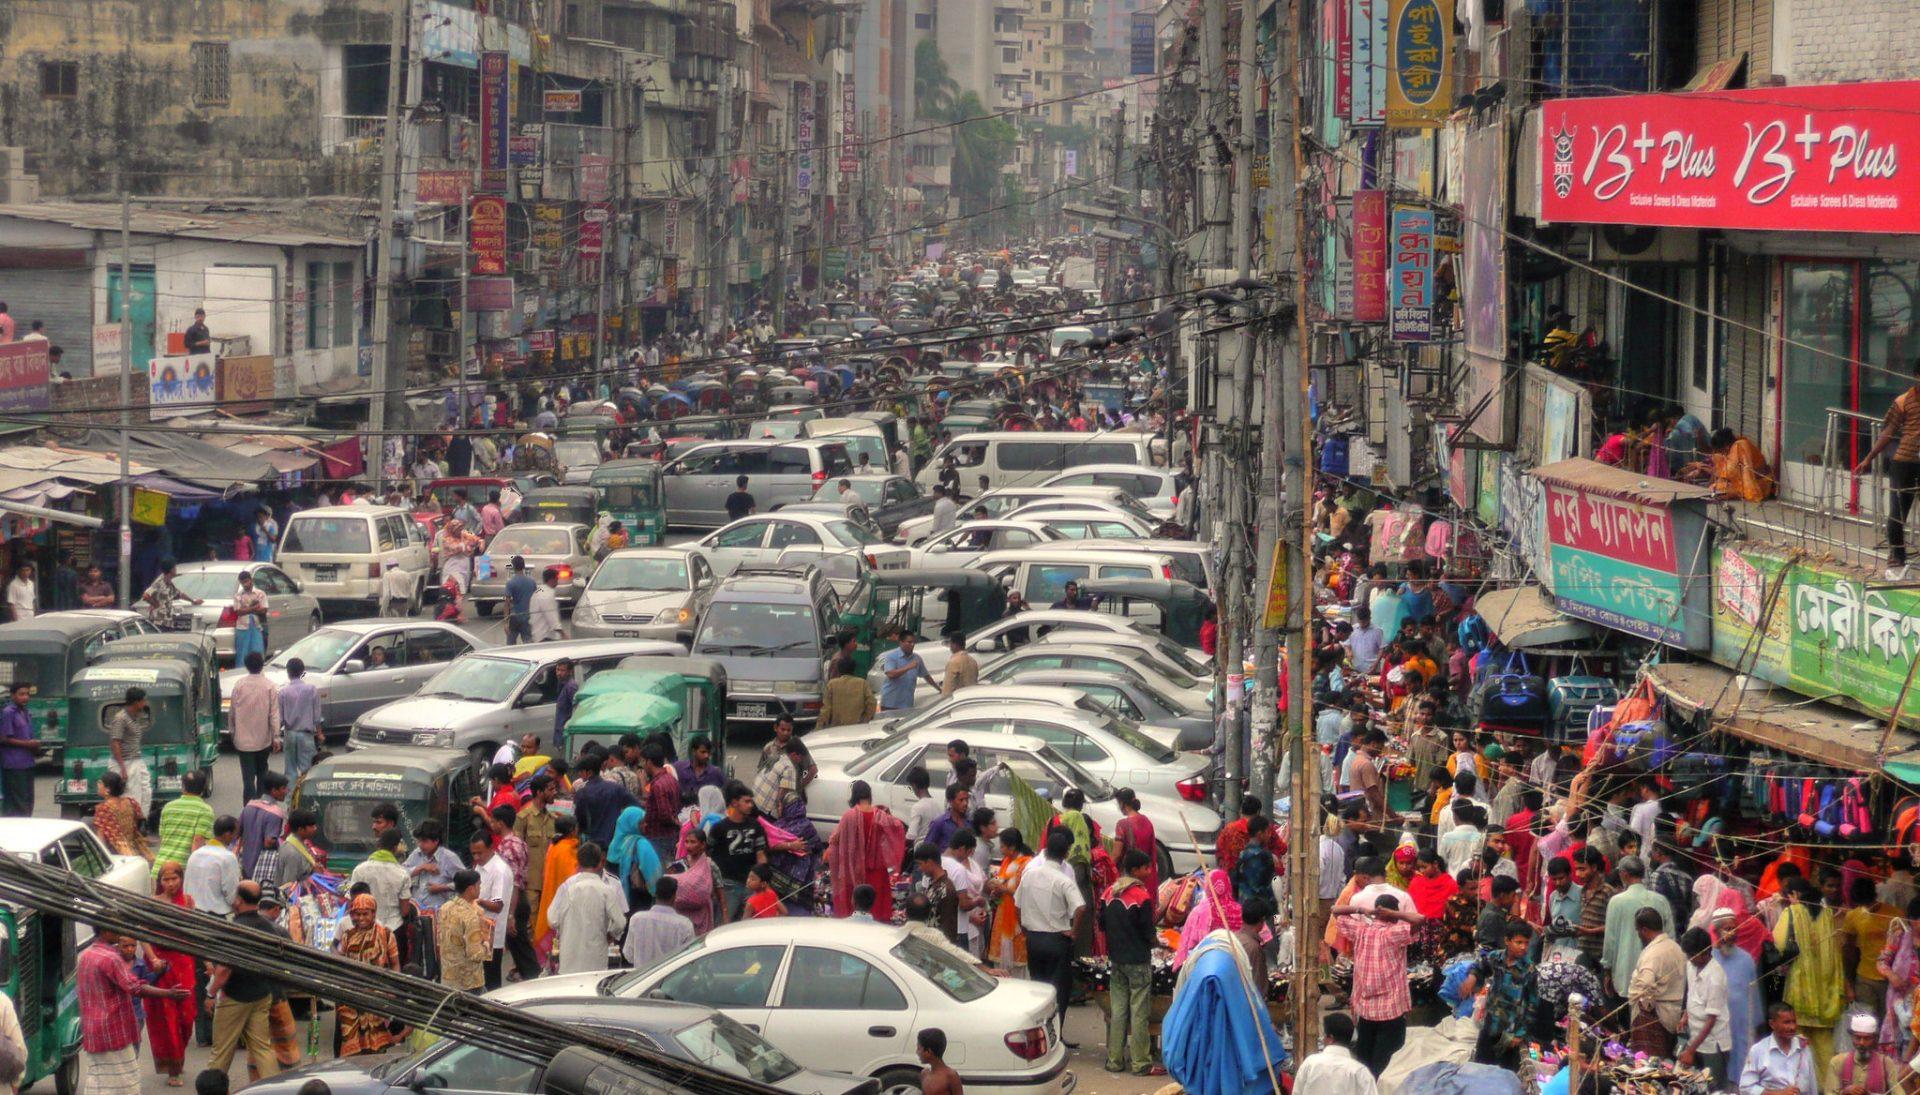 Traffic in Dhaka, Bangladesh